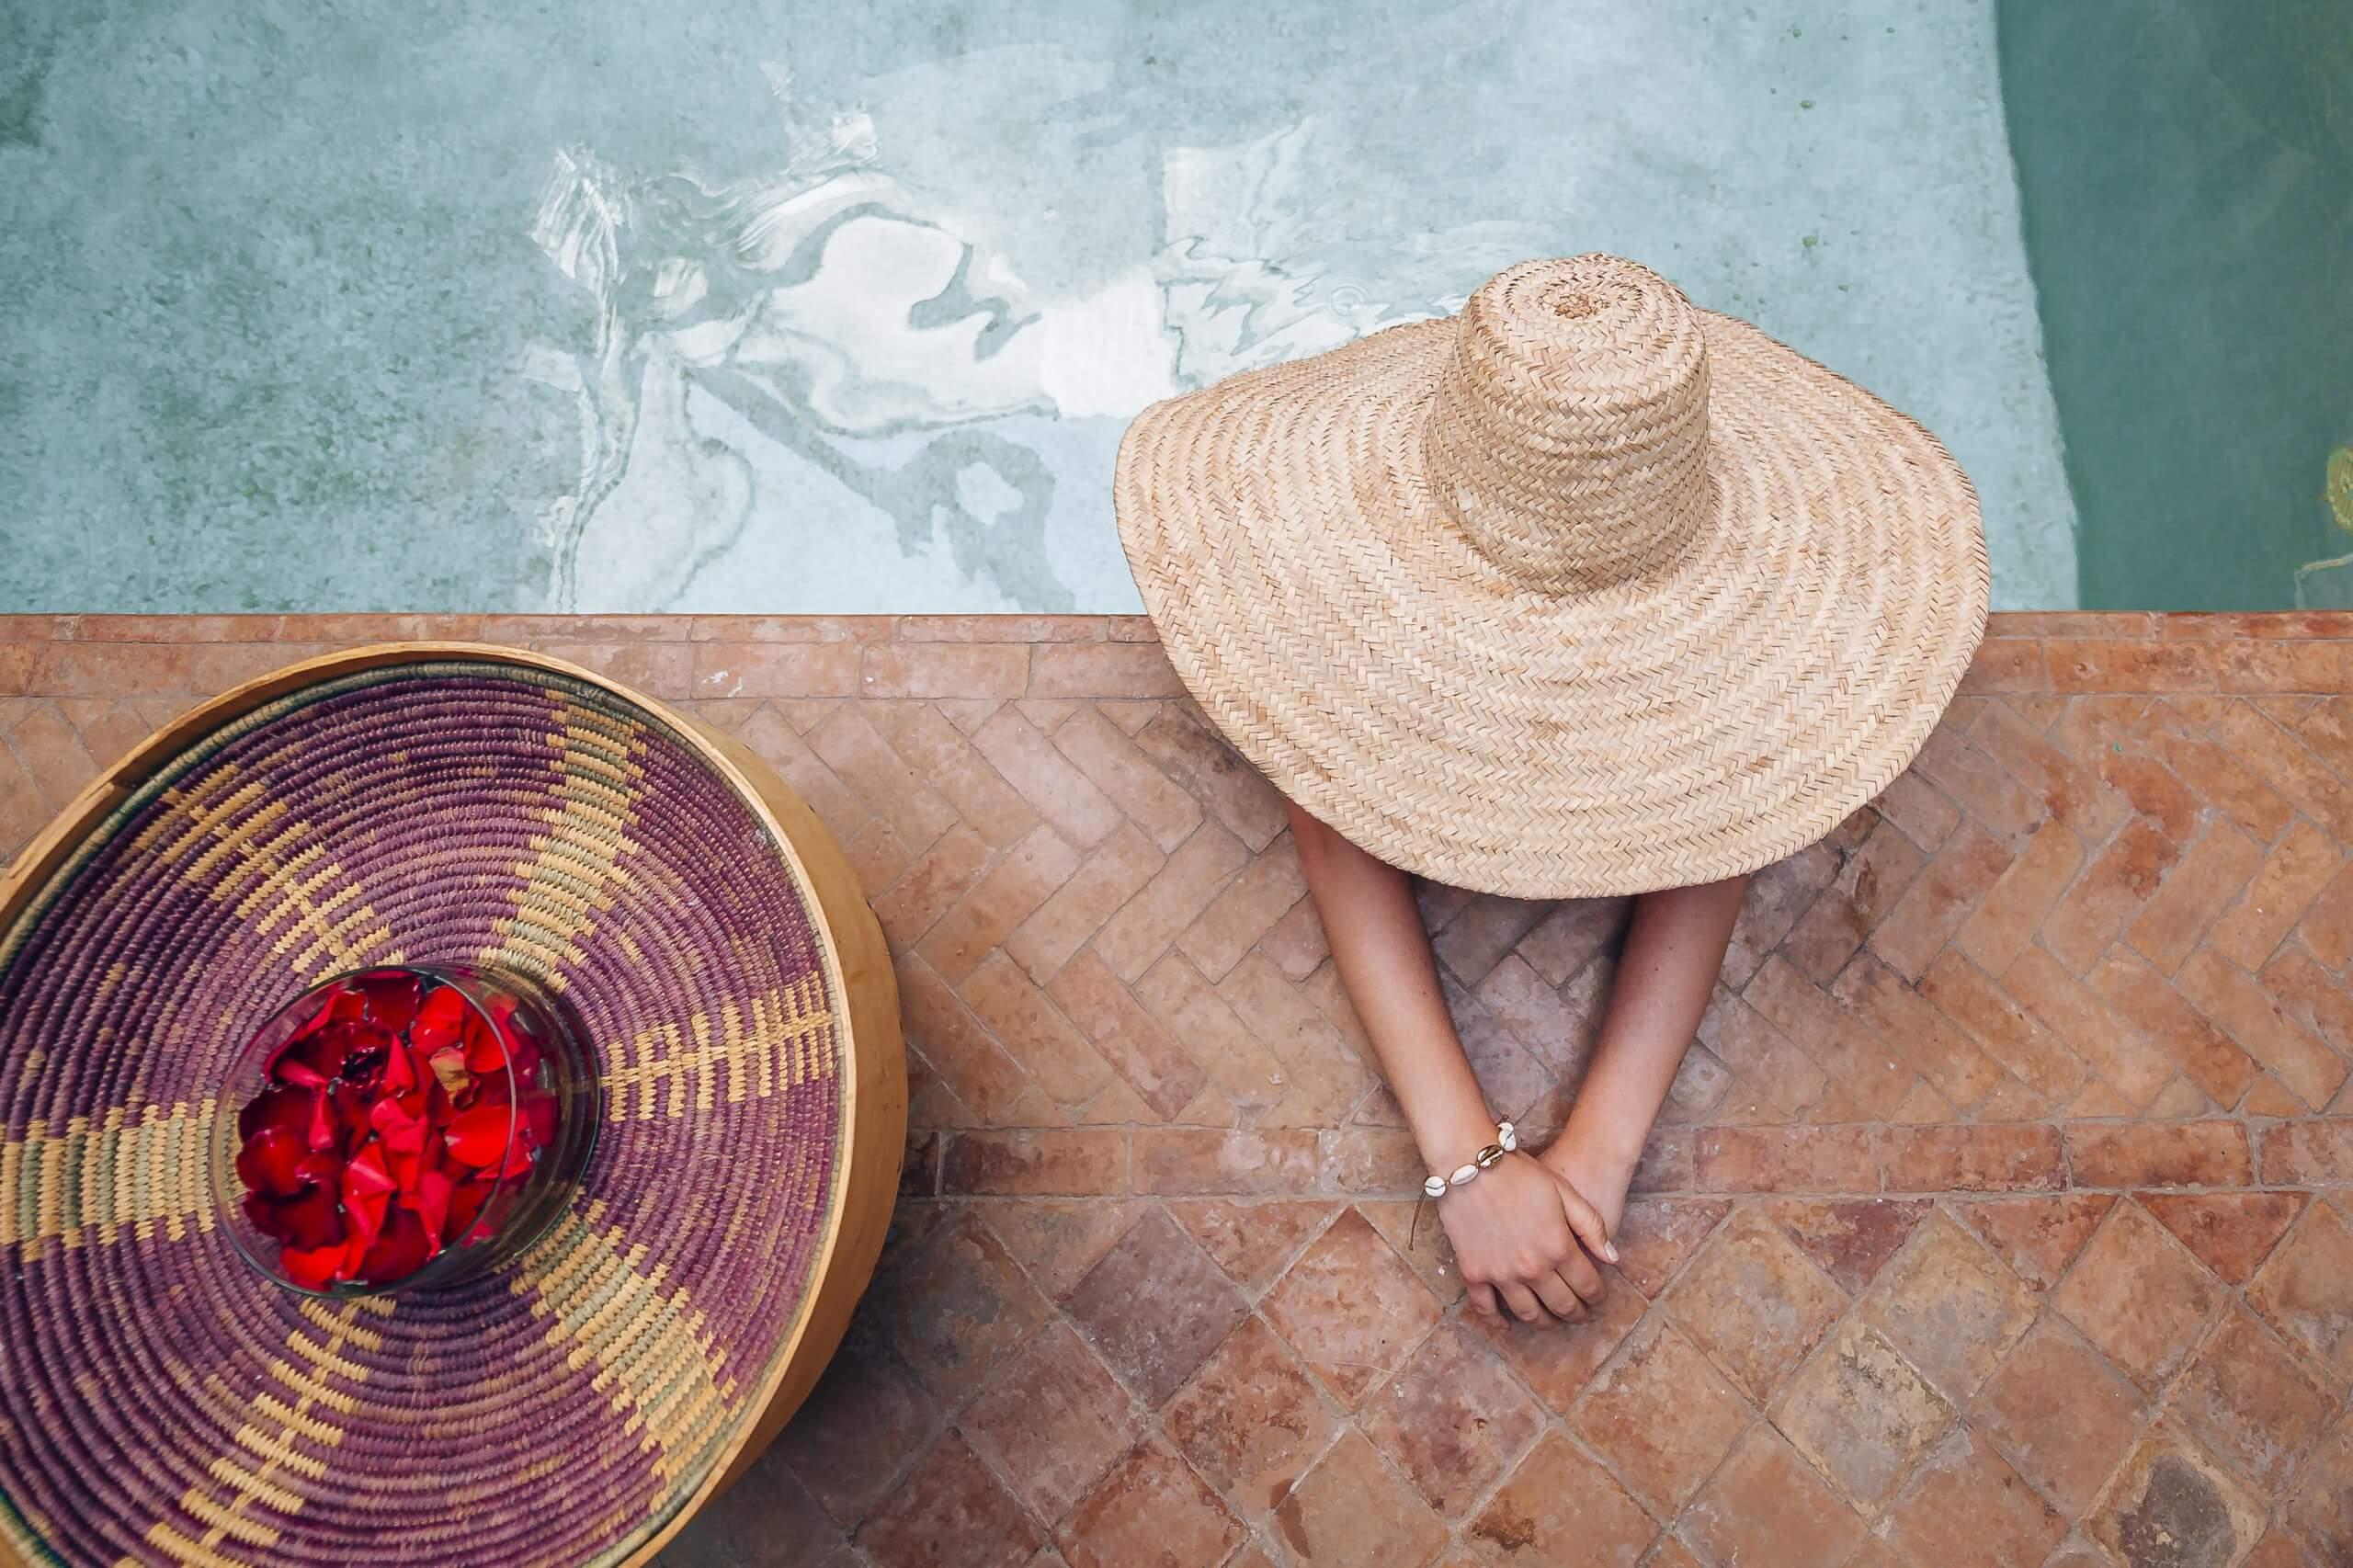 viele Riads verfügen über einen erfrischenden Pool im Innenhof